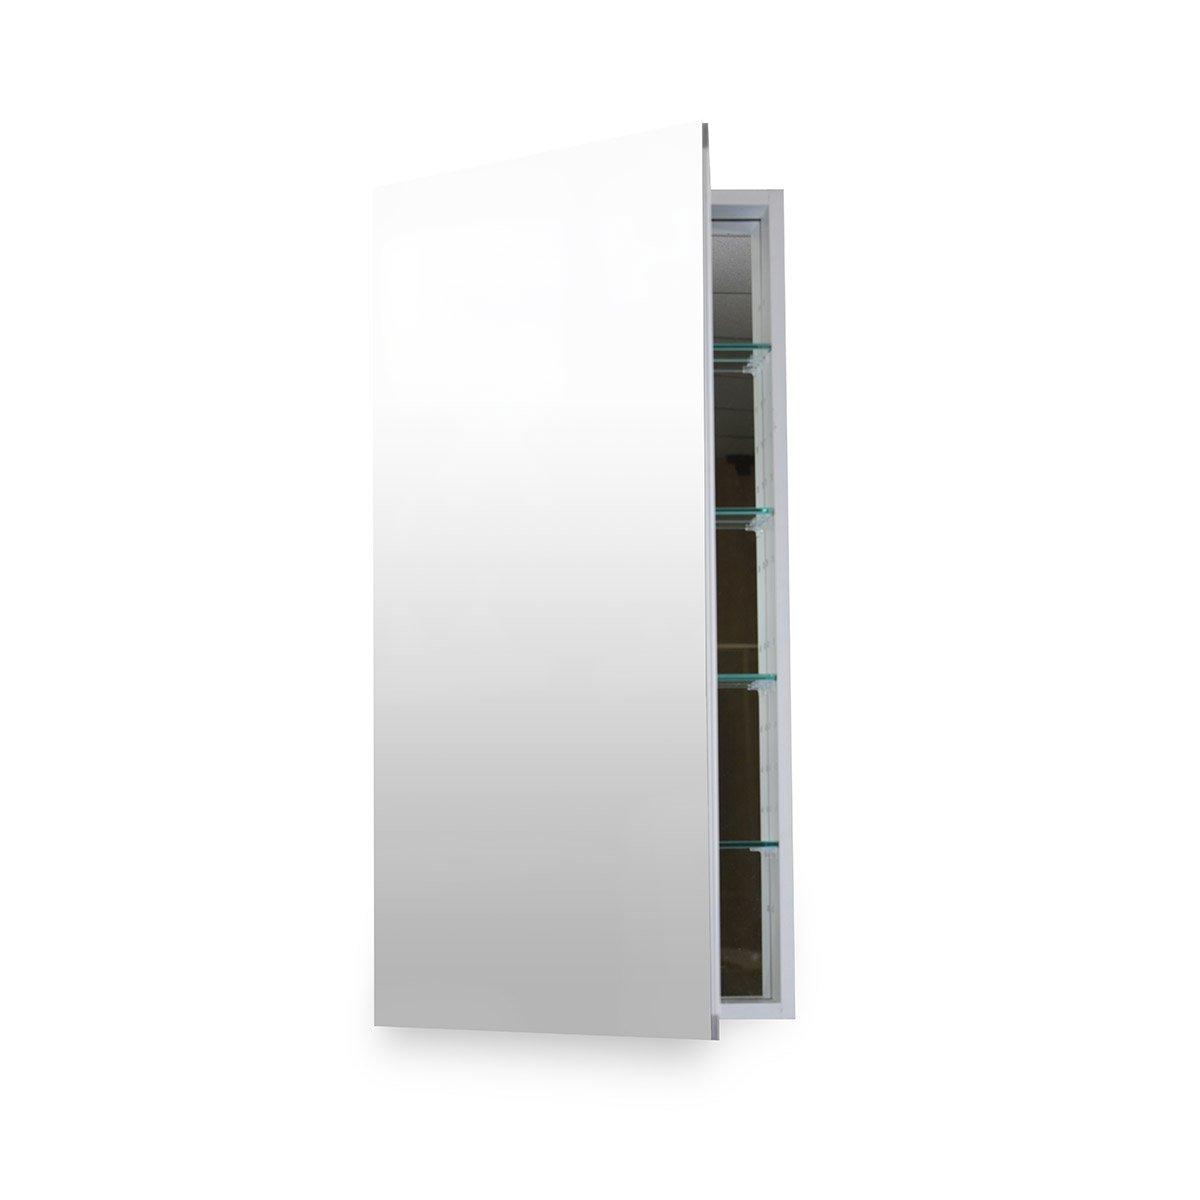 FlawlessバスルームMC x 1630 Medicine B01CG6FNS4 Cabinet with Blumソフト閉じるドアヒンジ、16 Cabinet x 30インチ、陽極酸化アルミニウム B01CG6FNS4, ハーブ&アロマ パナセア:48de9c7e --- ijpba.info